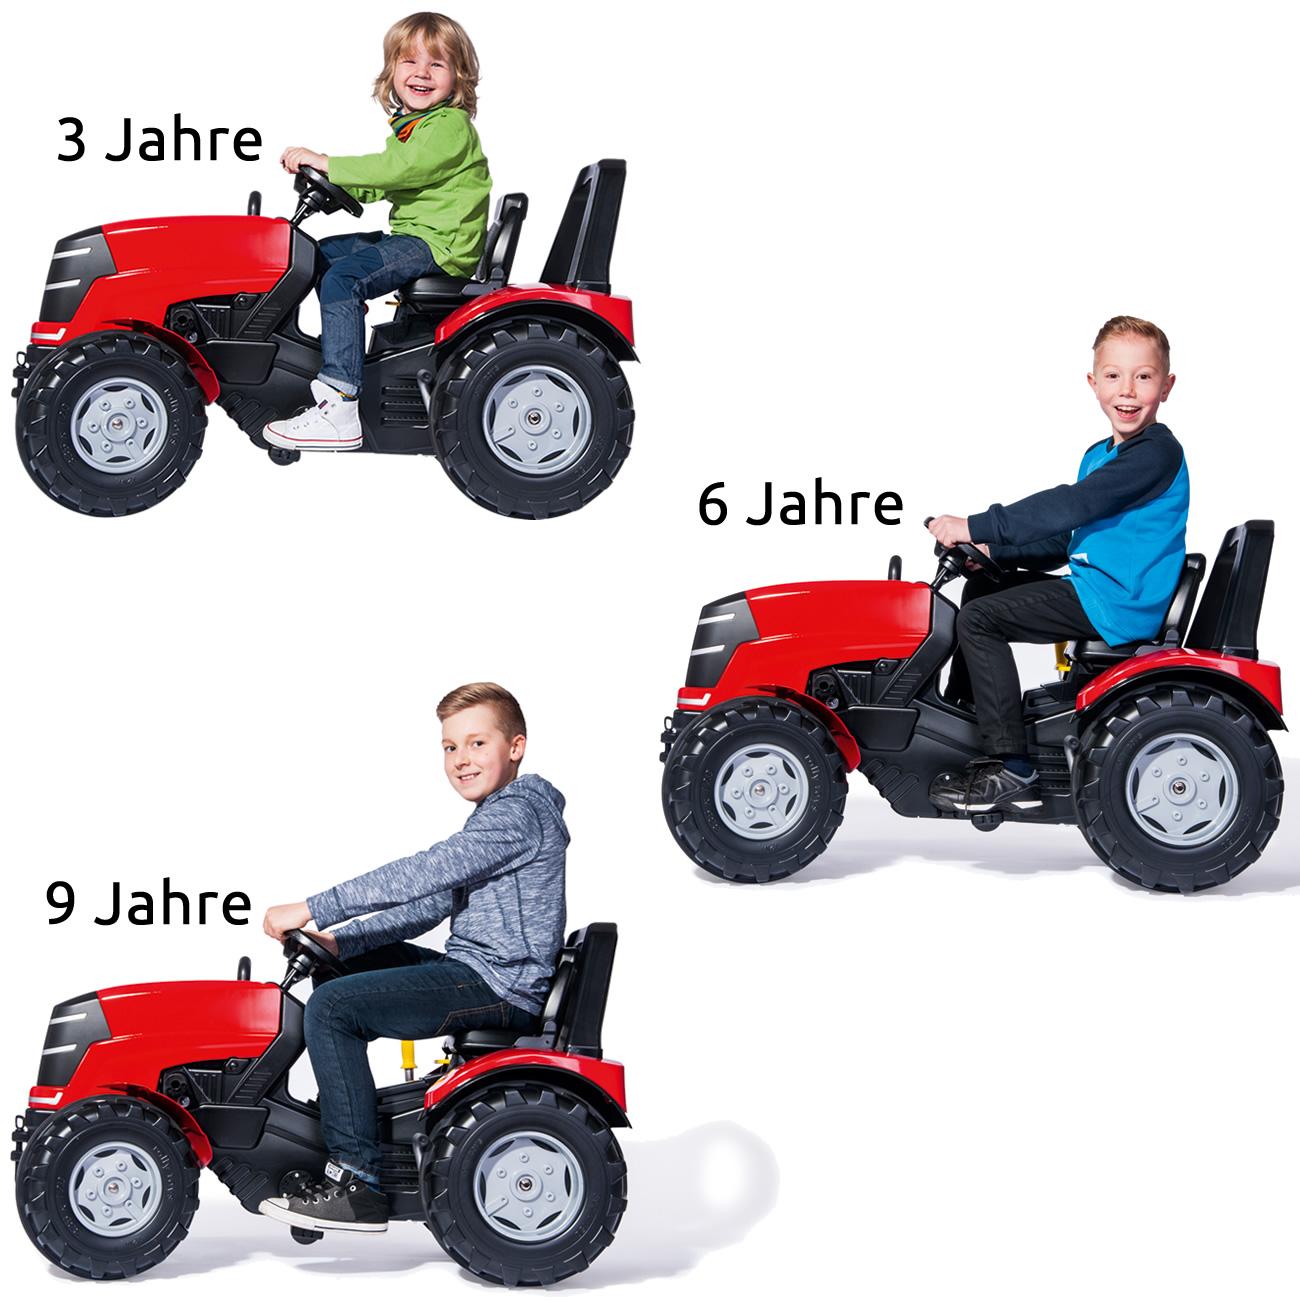 Rolly Toys rollyX-Trac Premium Trettraktor Alter 3-10 Jahre, Fl/üsterlaufreifen, mit Frontlader, Frontkotfl/ügel 651009